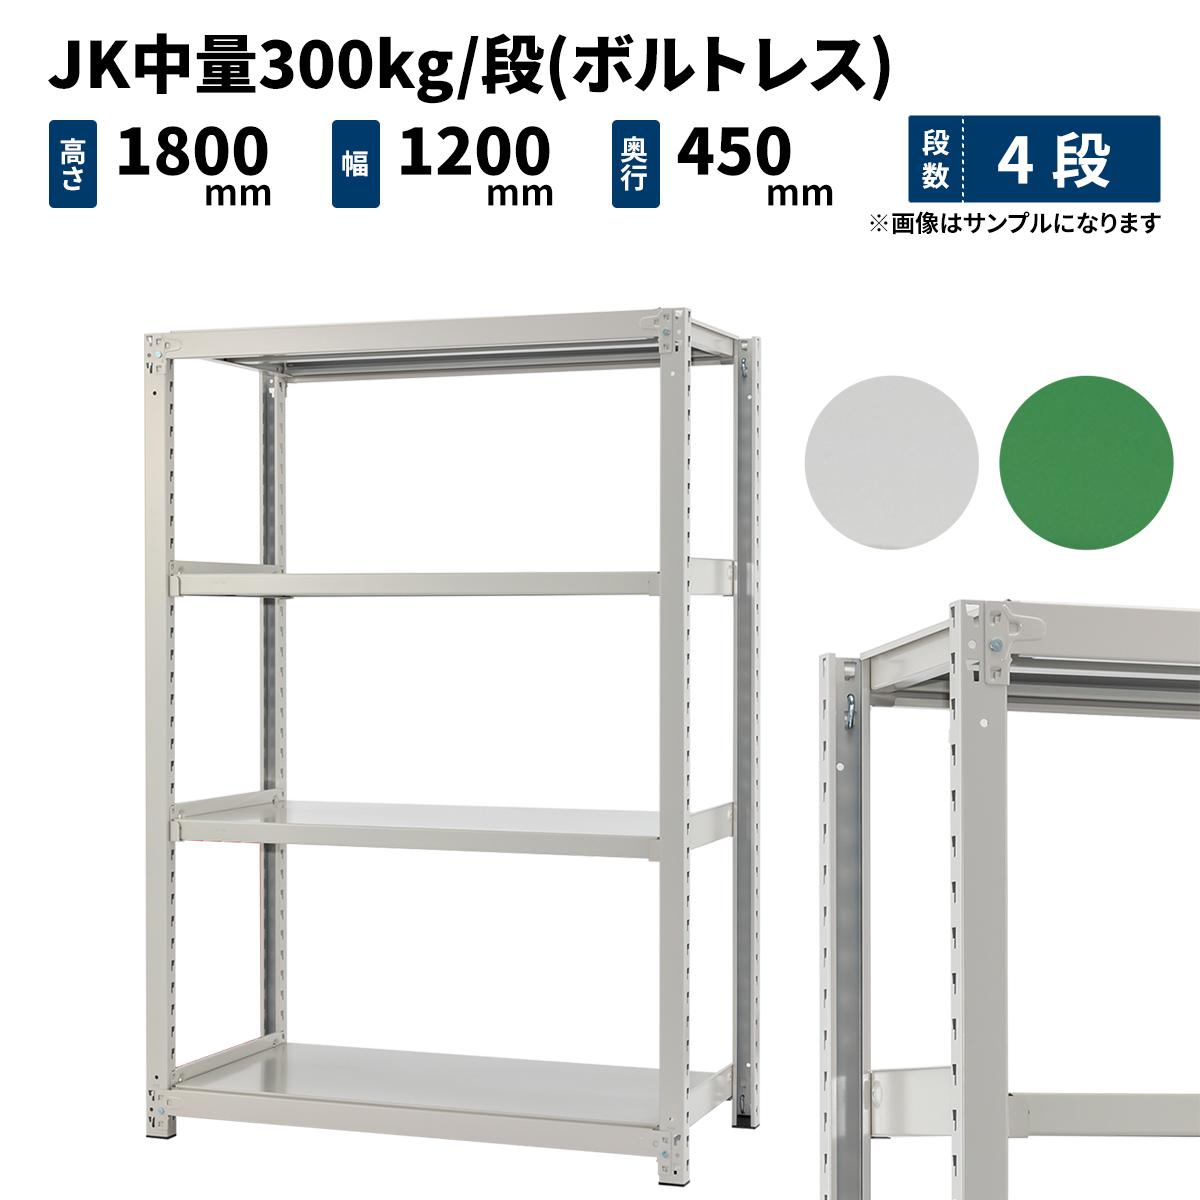 スチールラック 業務用 JK中量300kg/段(ボルトレス) 単体形式 高さ1800×幅1200×奥行450mm 4段 ホワイトグレー/グリーン (54kg) JK300_T-181245-4